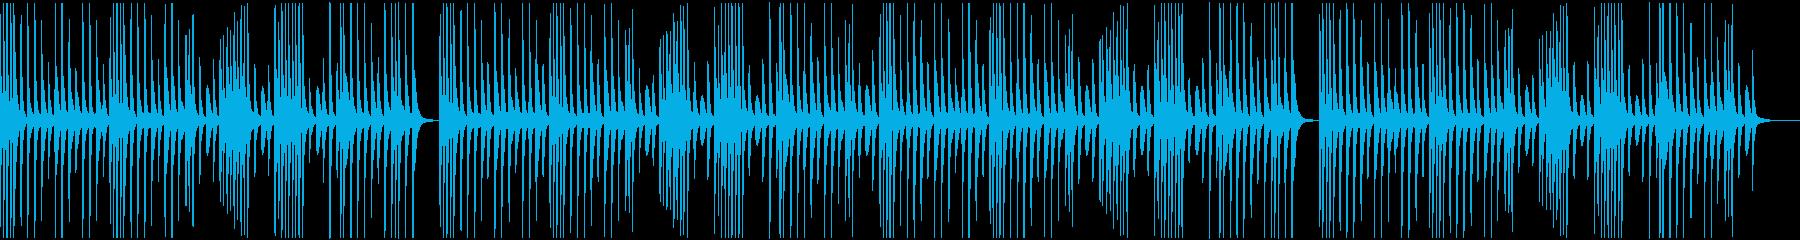 ほのぼのゆるめのマリンバBCMの再生済みの波形